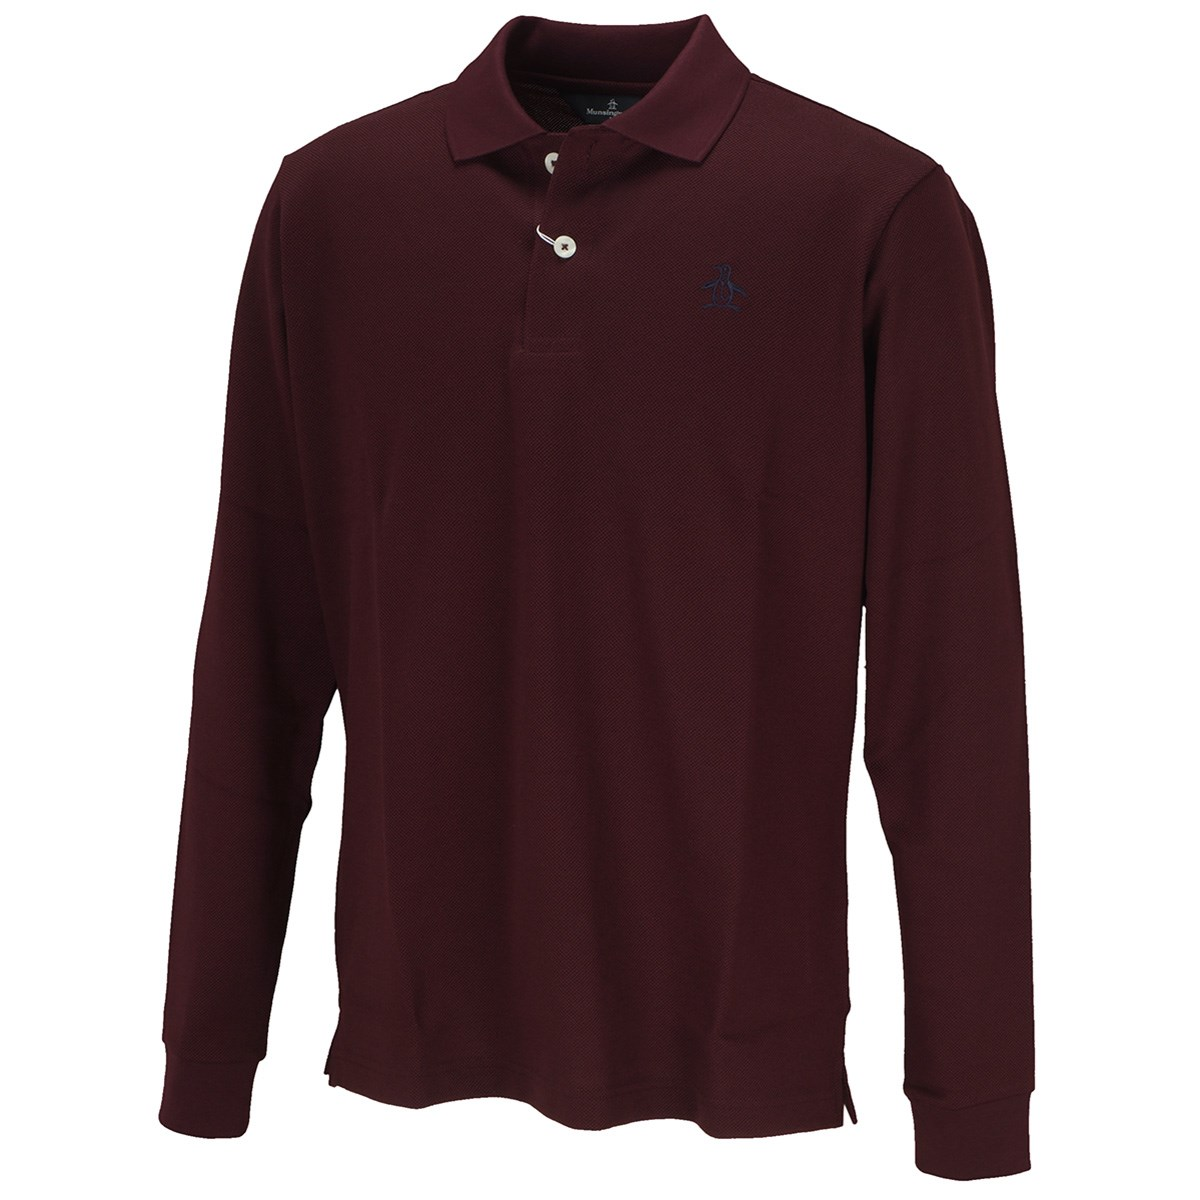 マンシングウェア Munsingwear マナード鹿の子長袖ポロシャツ M ボルドー W205